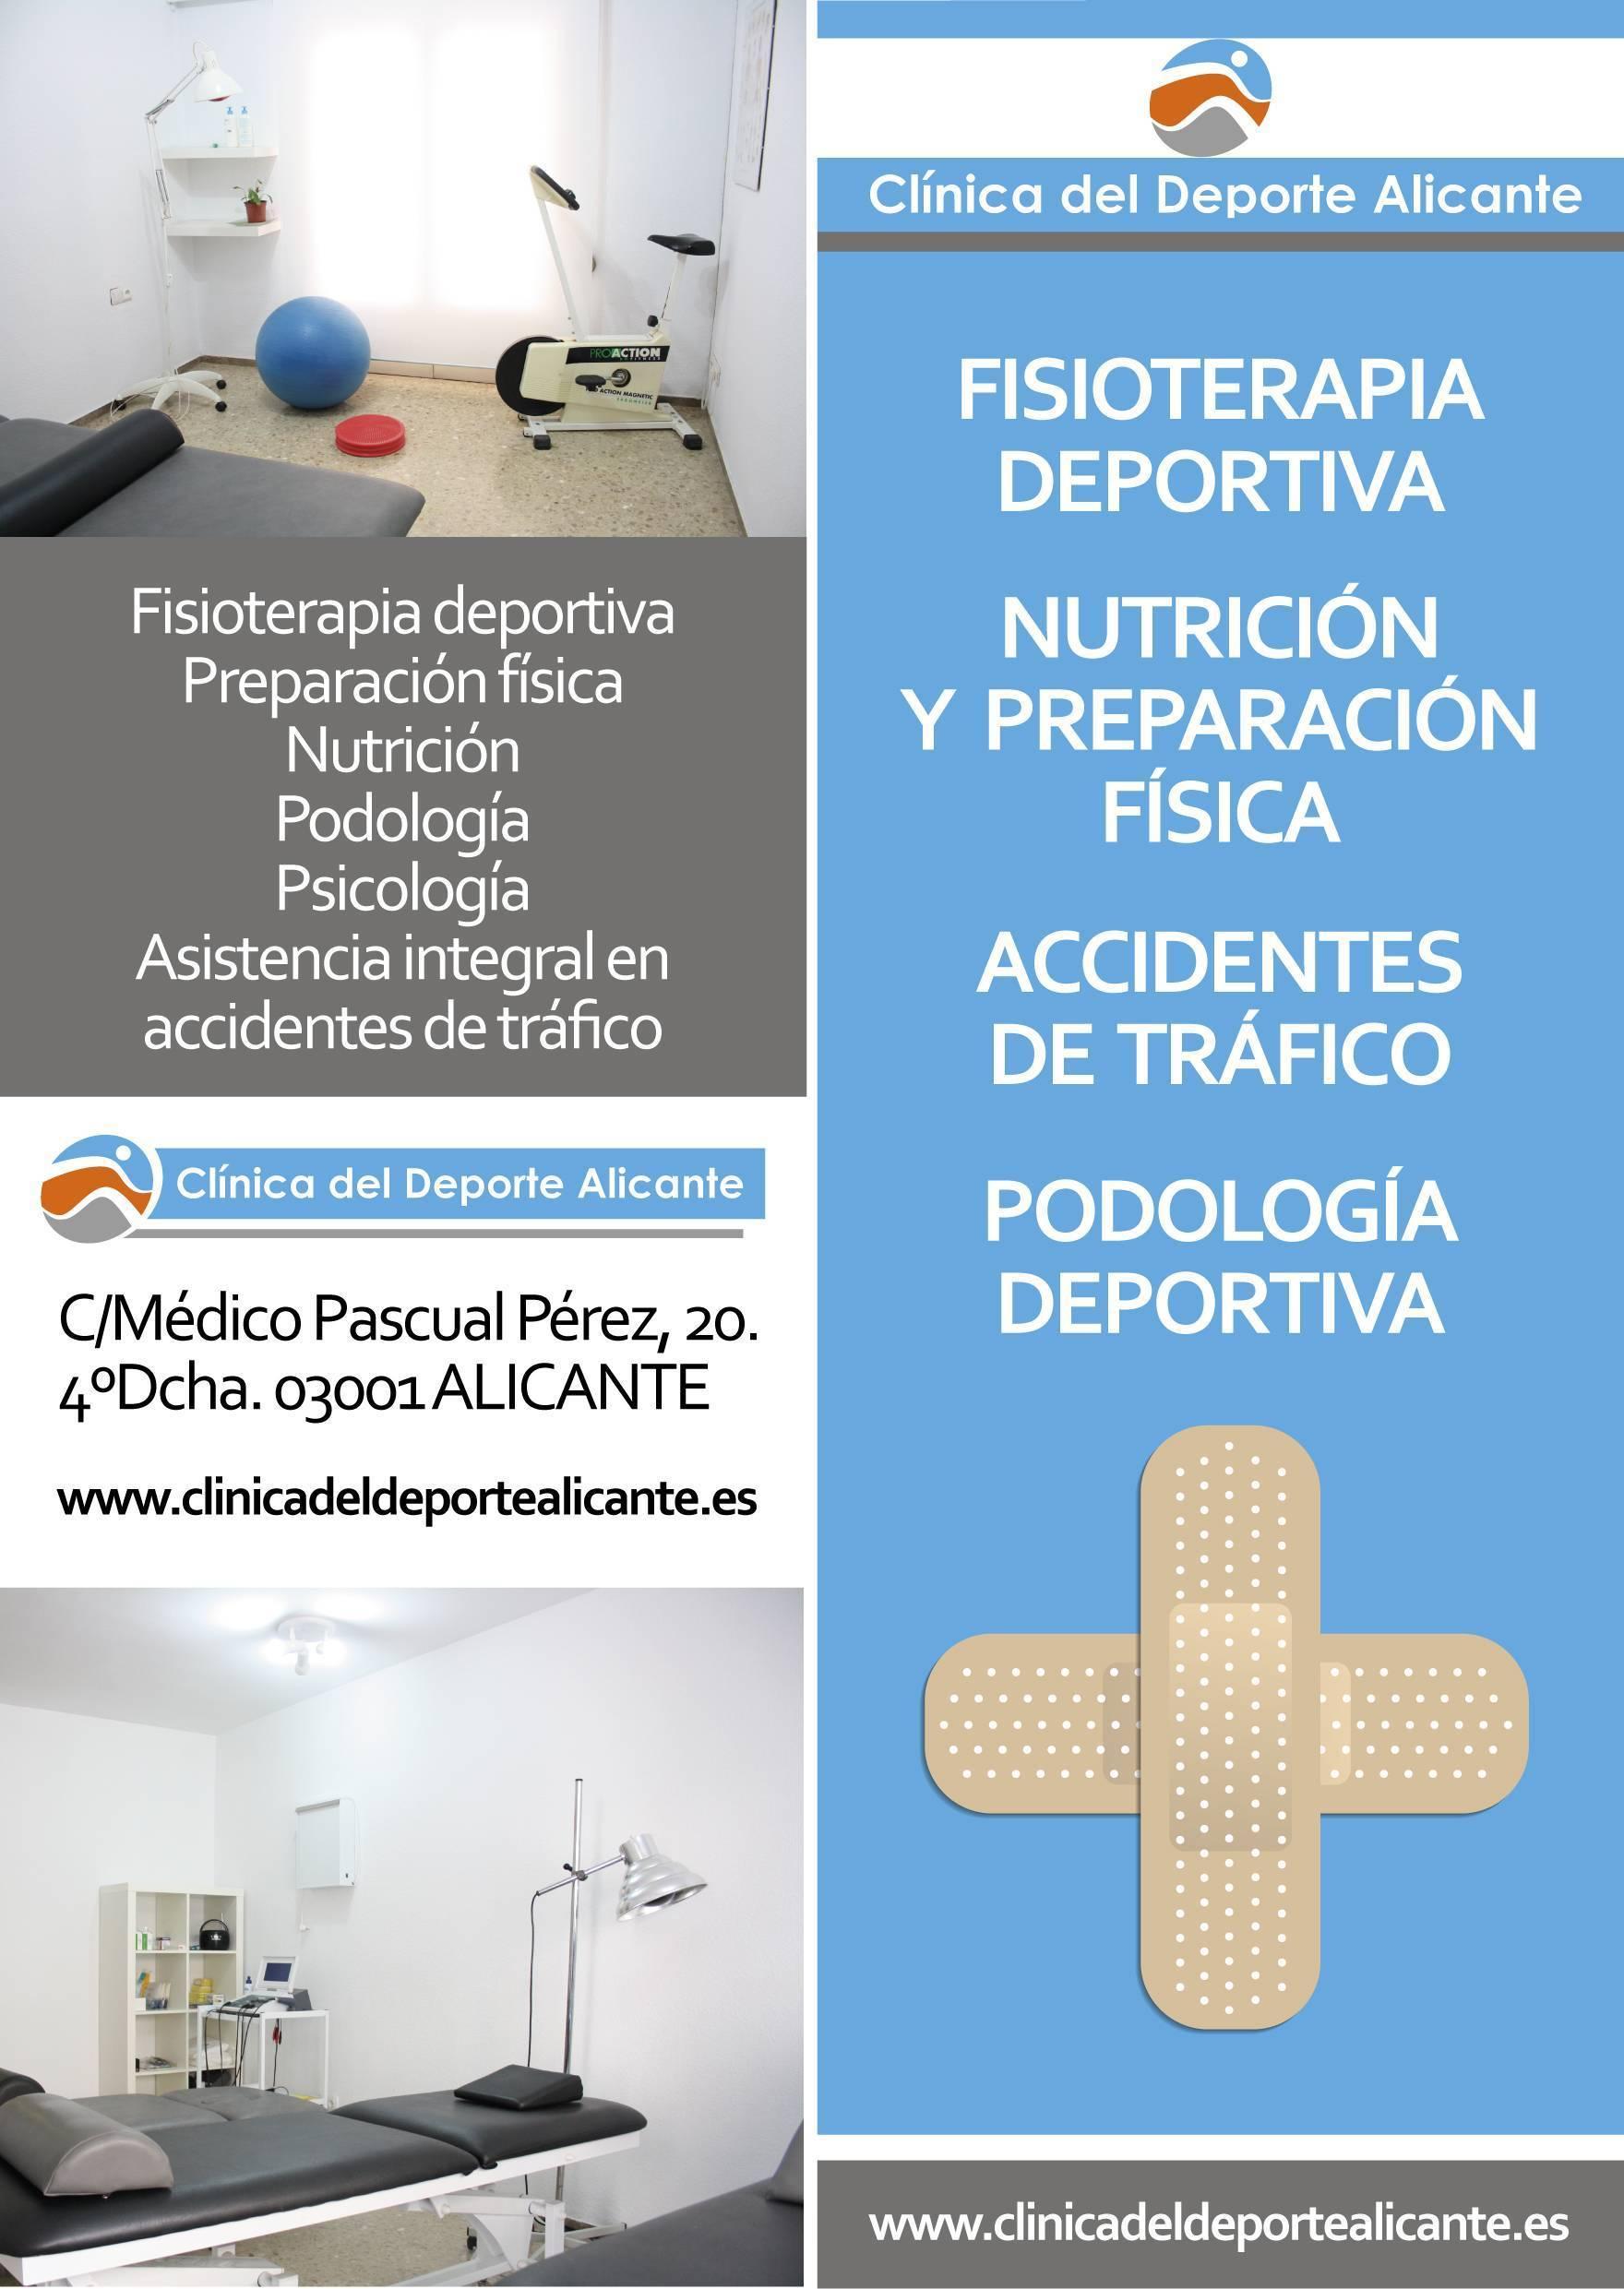 presentación clinica del deporte alicante